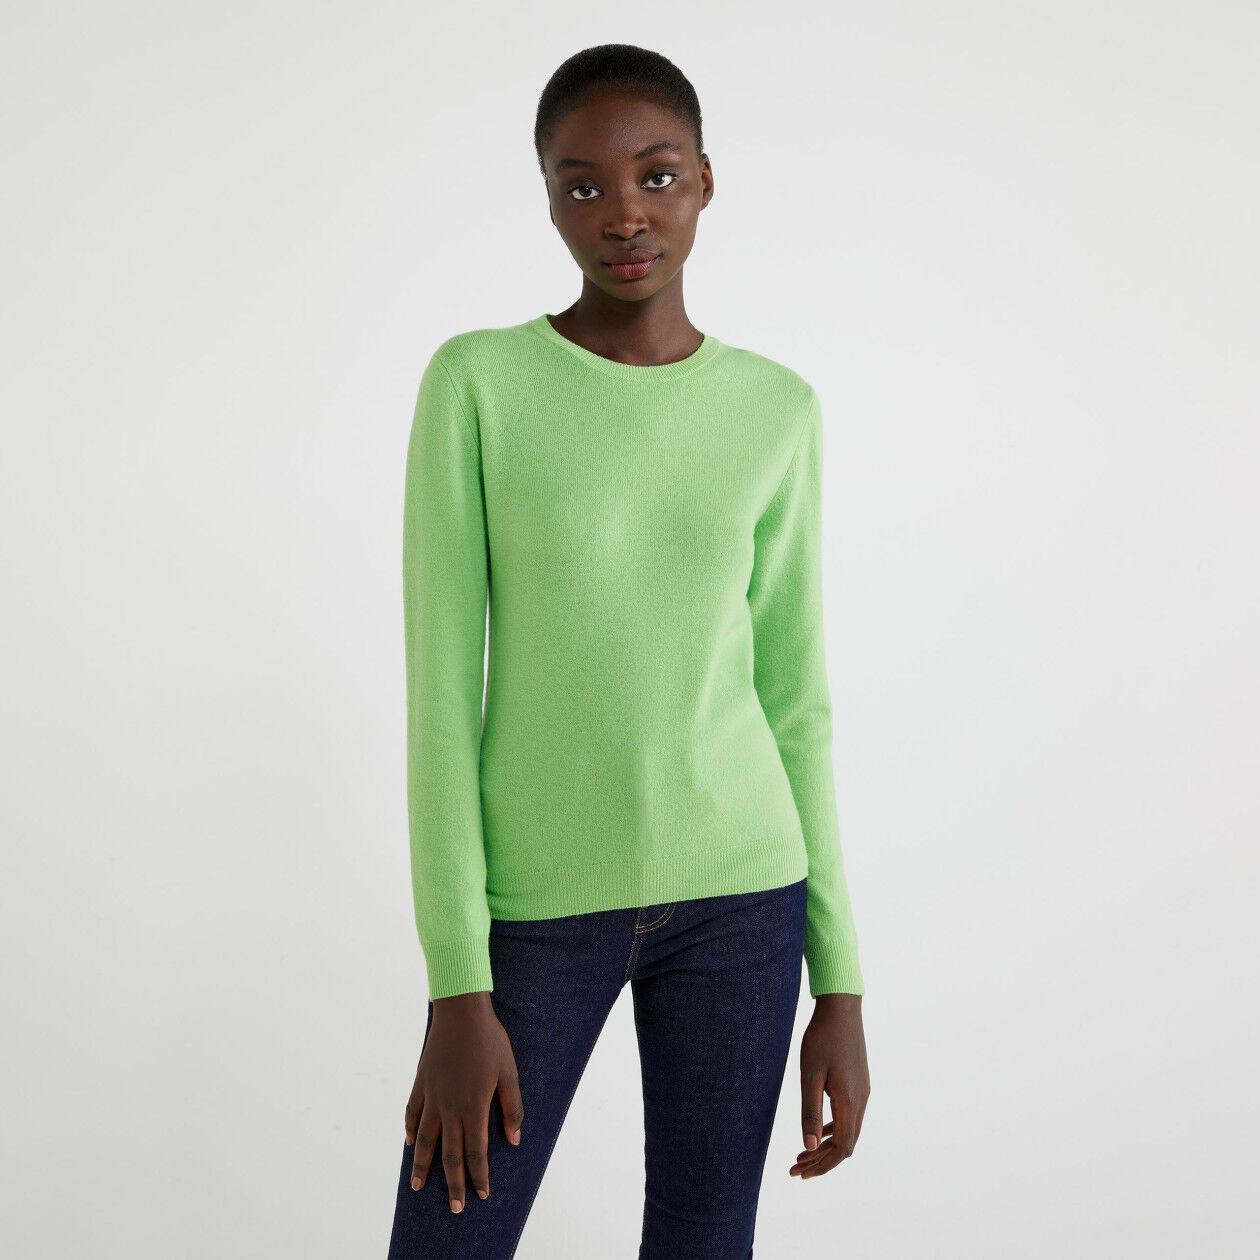 Jersey de cuello redondo de 100% lana virgen